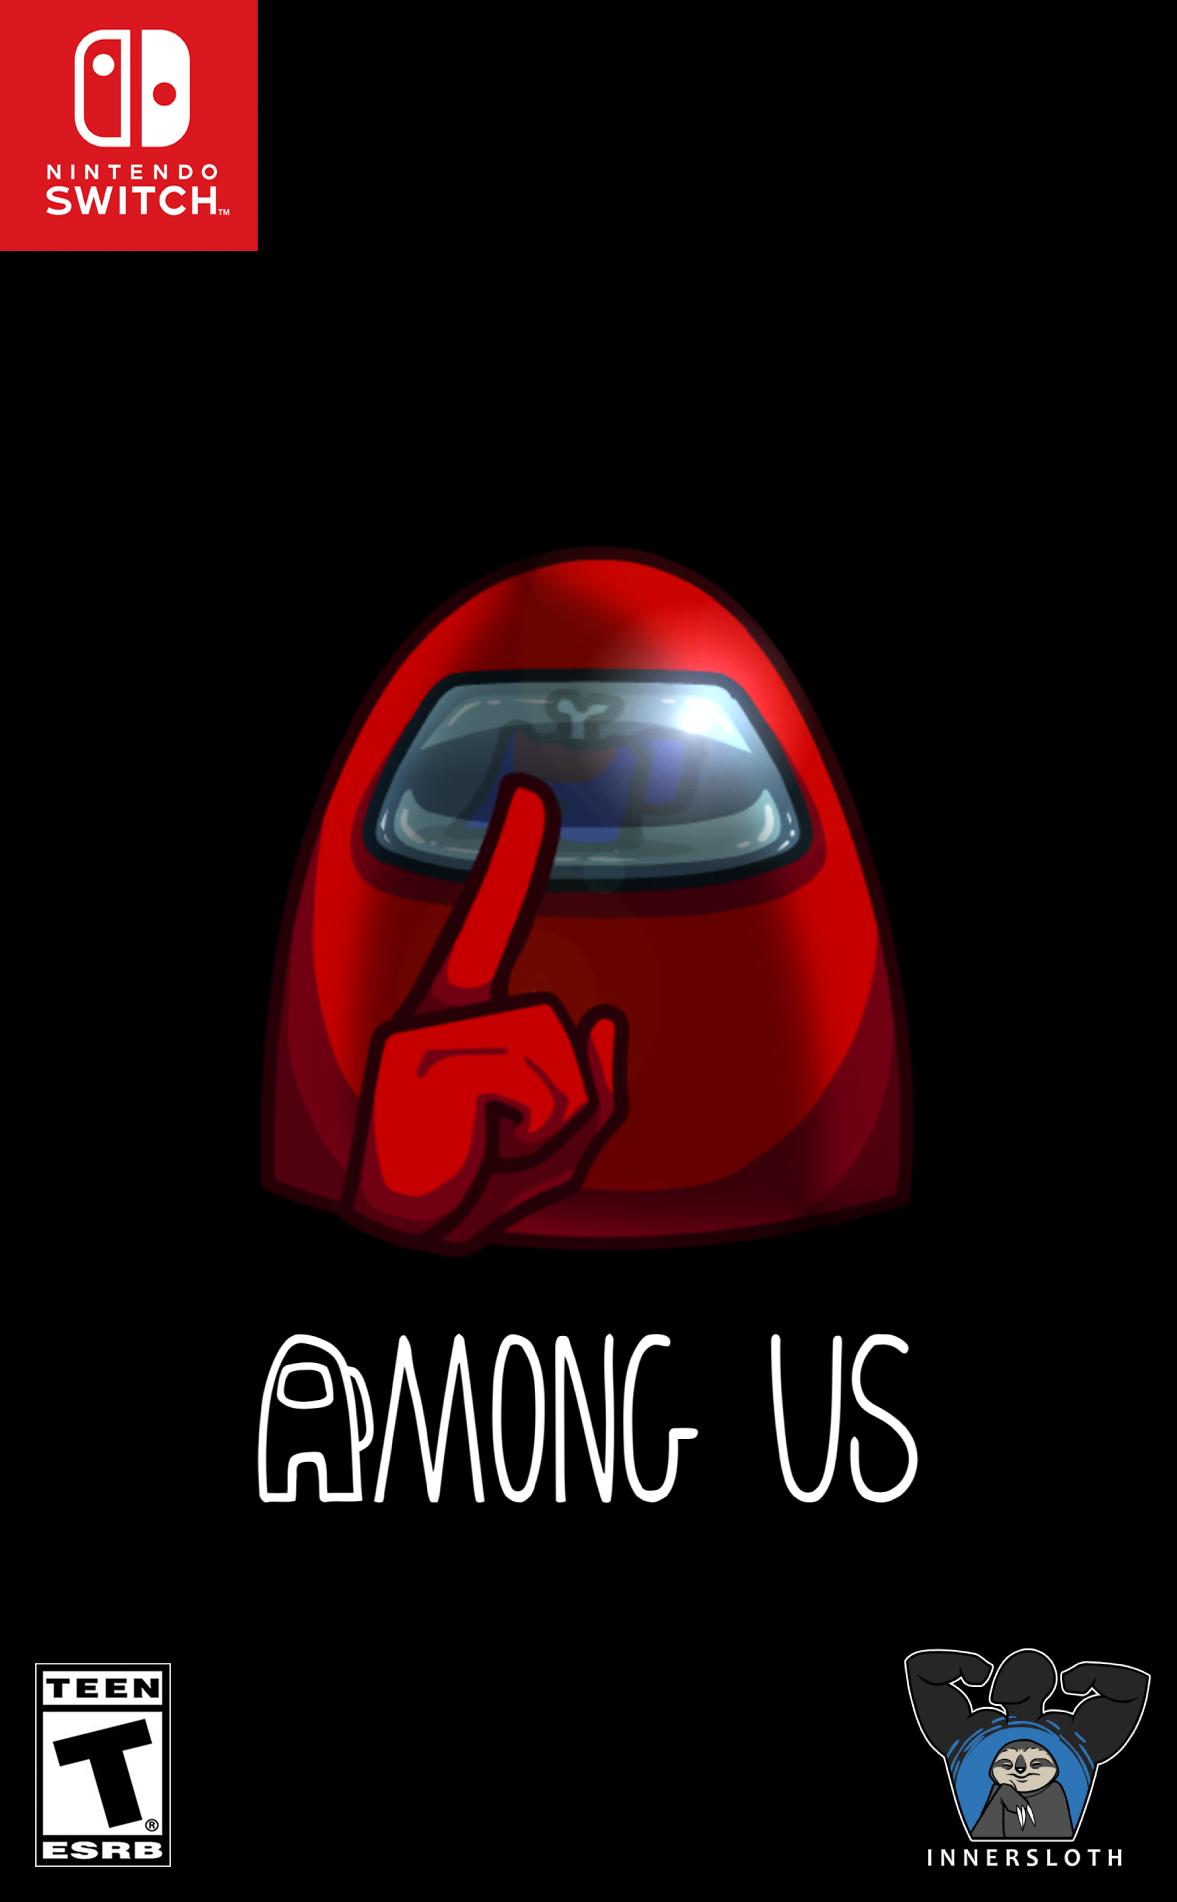 Us switch among